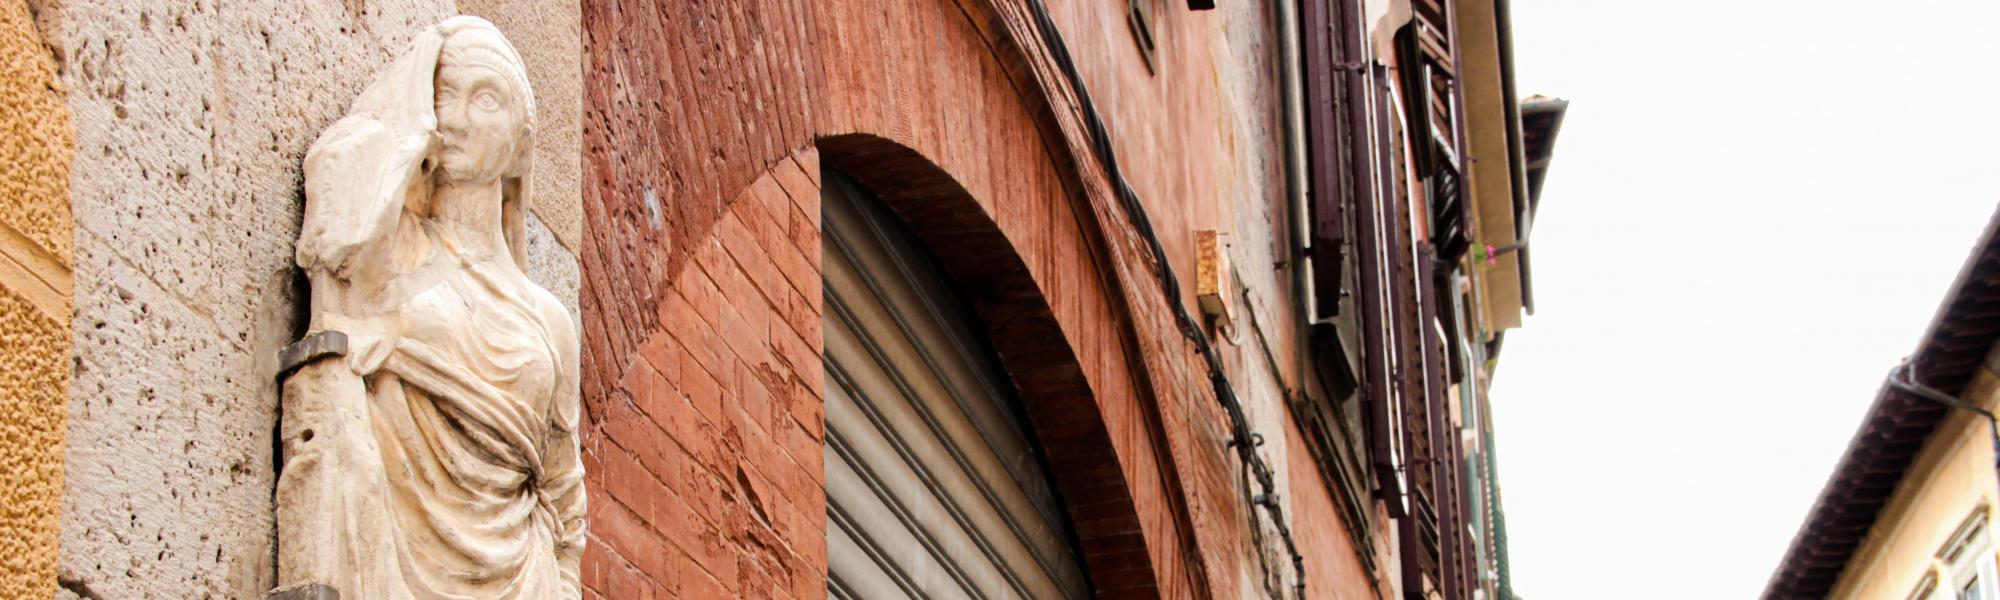 Donna Chinzica, reimpiego antico _ Via San. Martino (G. Bettini, Comune di Pisa)